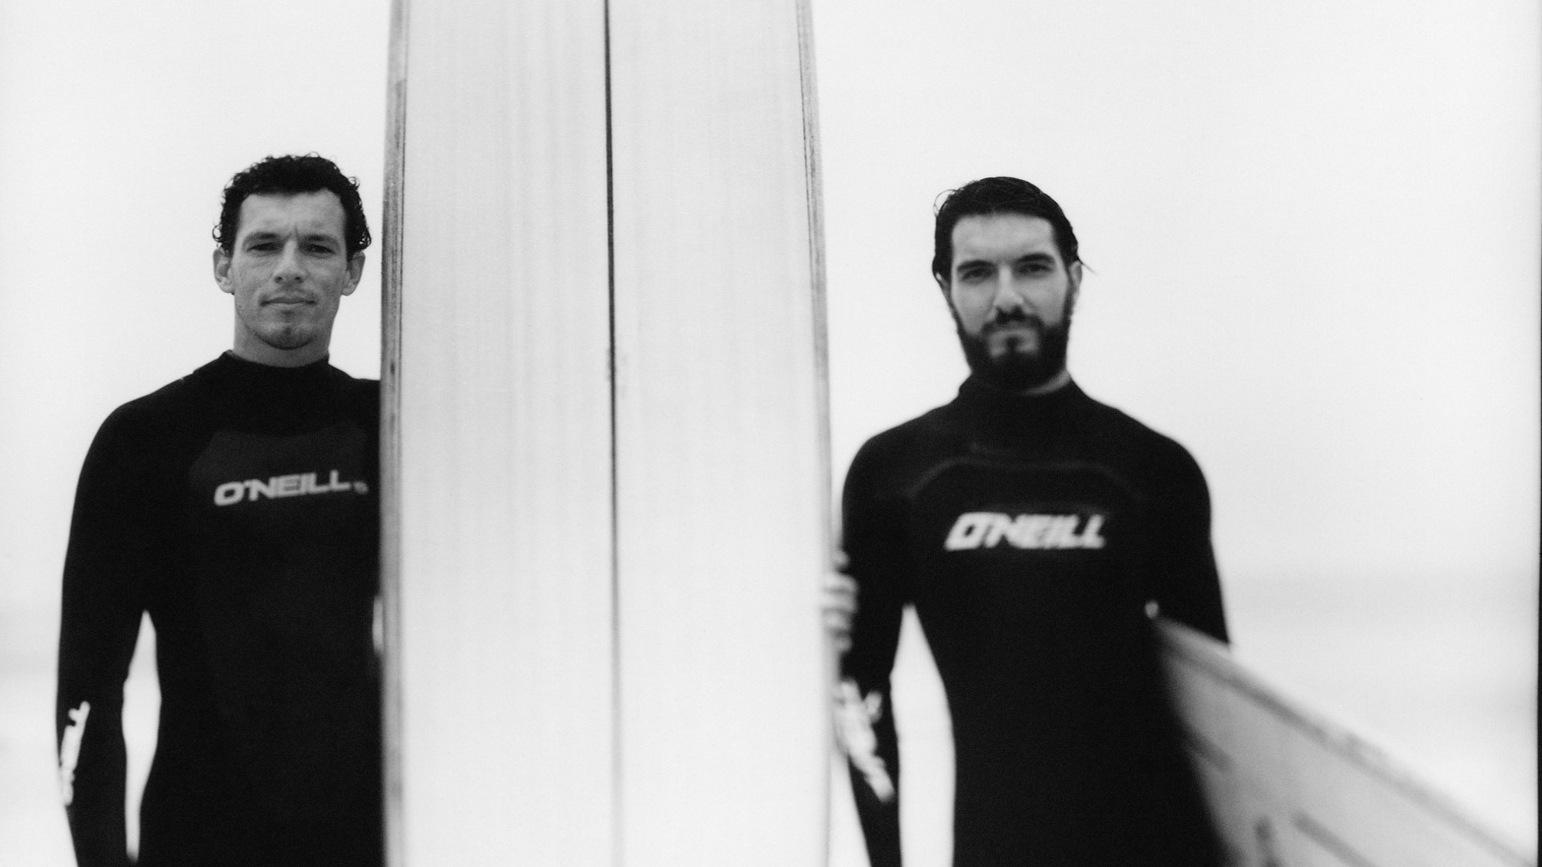 Felipe-fabio-siebert-surfboards-marcos-vilas-boas